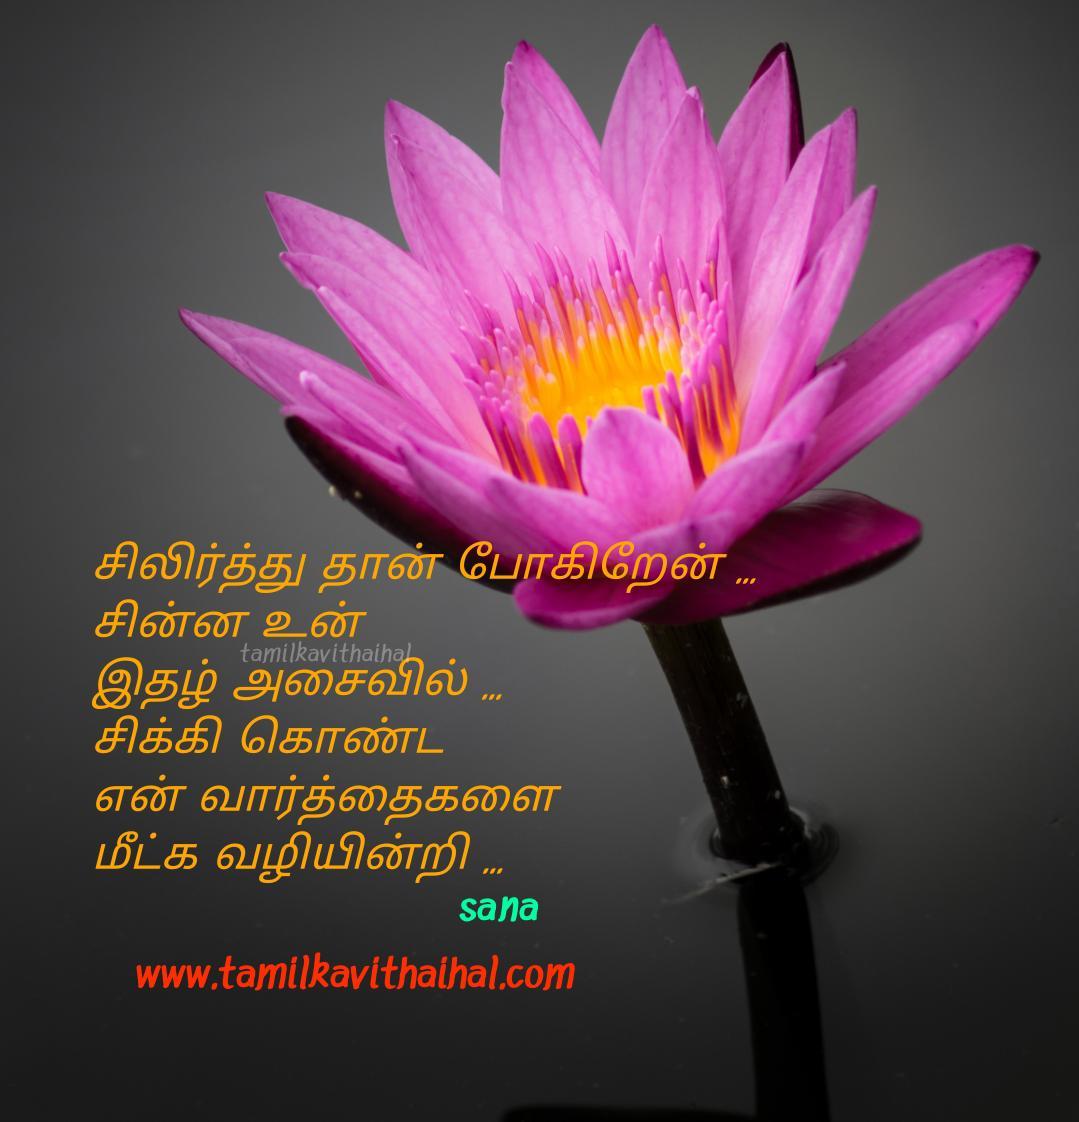 cute tamil kadhalkavithai images sana dp status